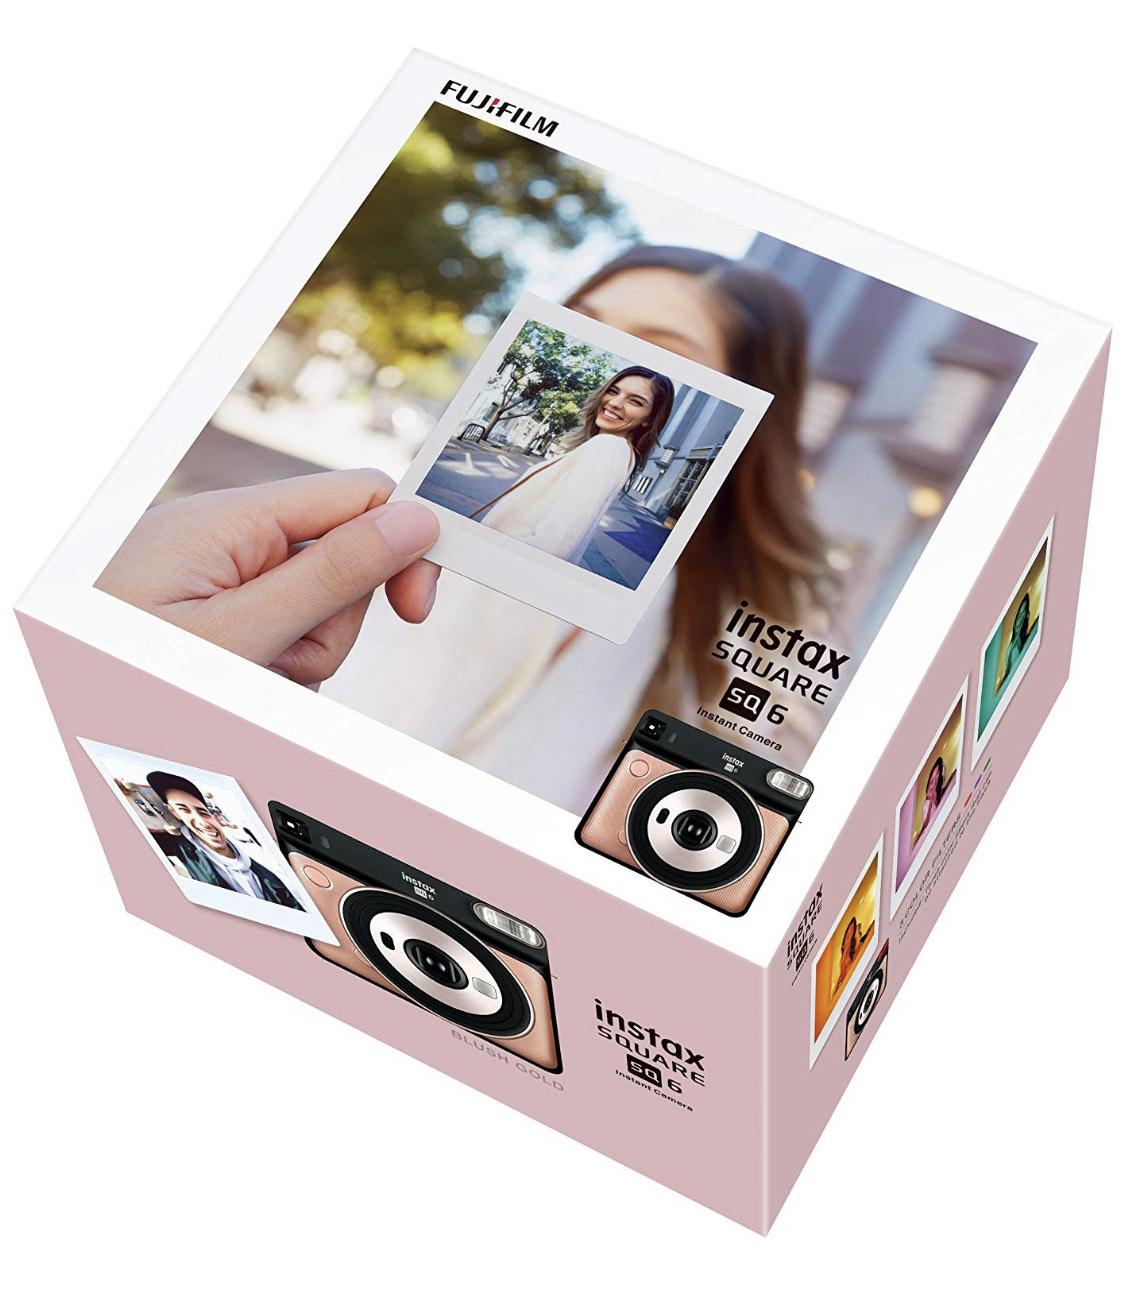 Appareil photo numérique instantané Fujifilm Instax SQ6 - Plusieurs coloris